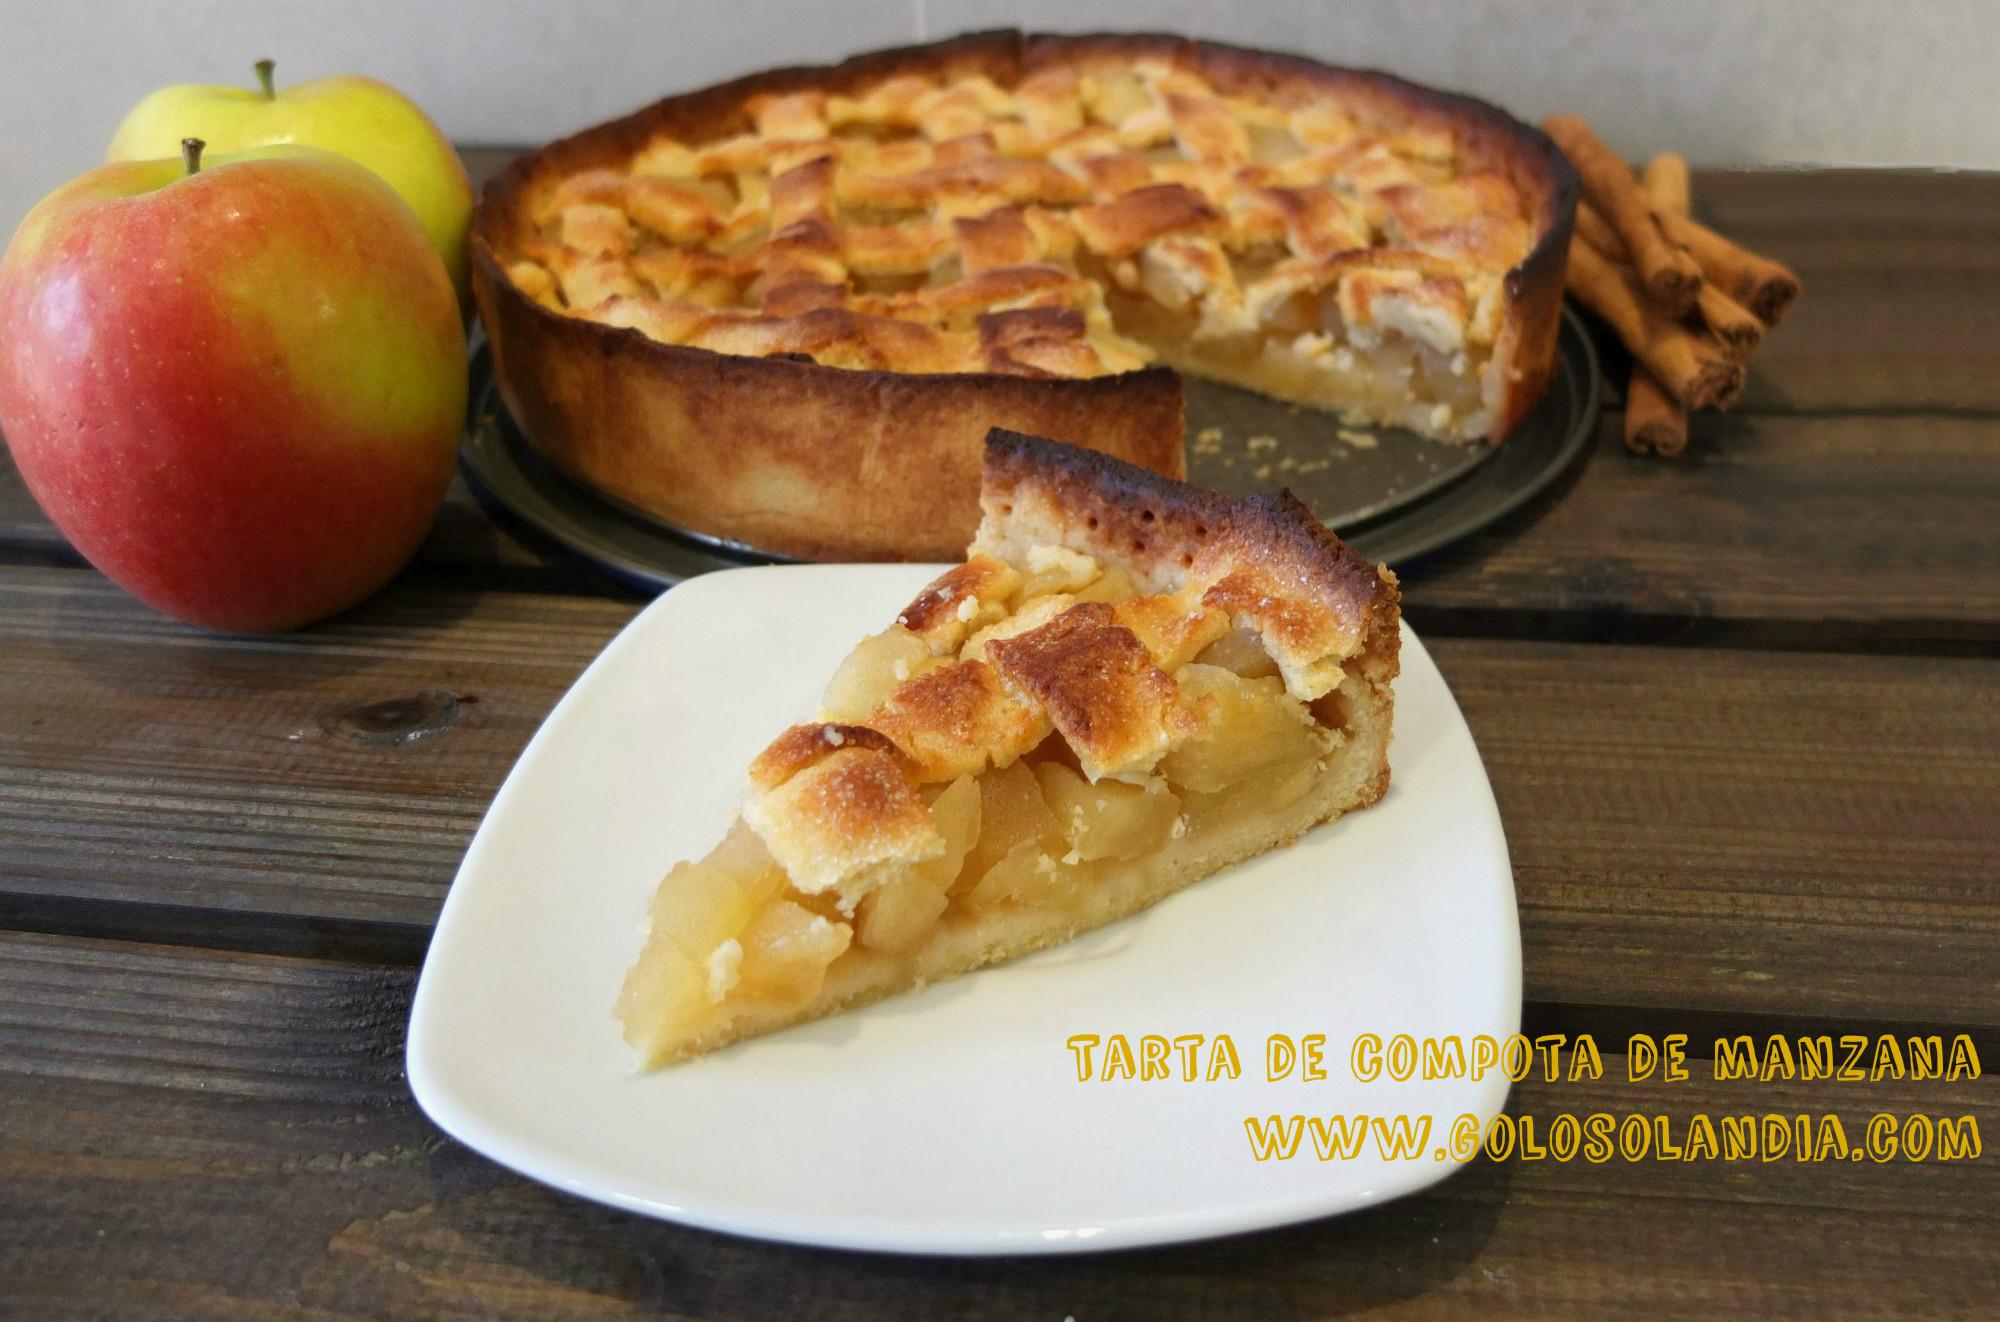 Tarta De Compota De Manzana Golosolandia Recetas Y Vídeos De Postres Y Tartas